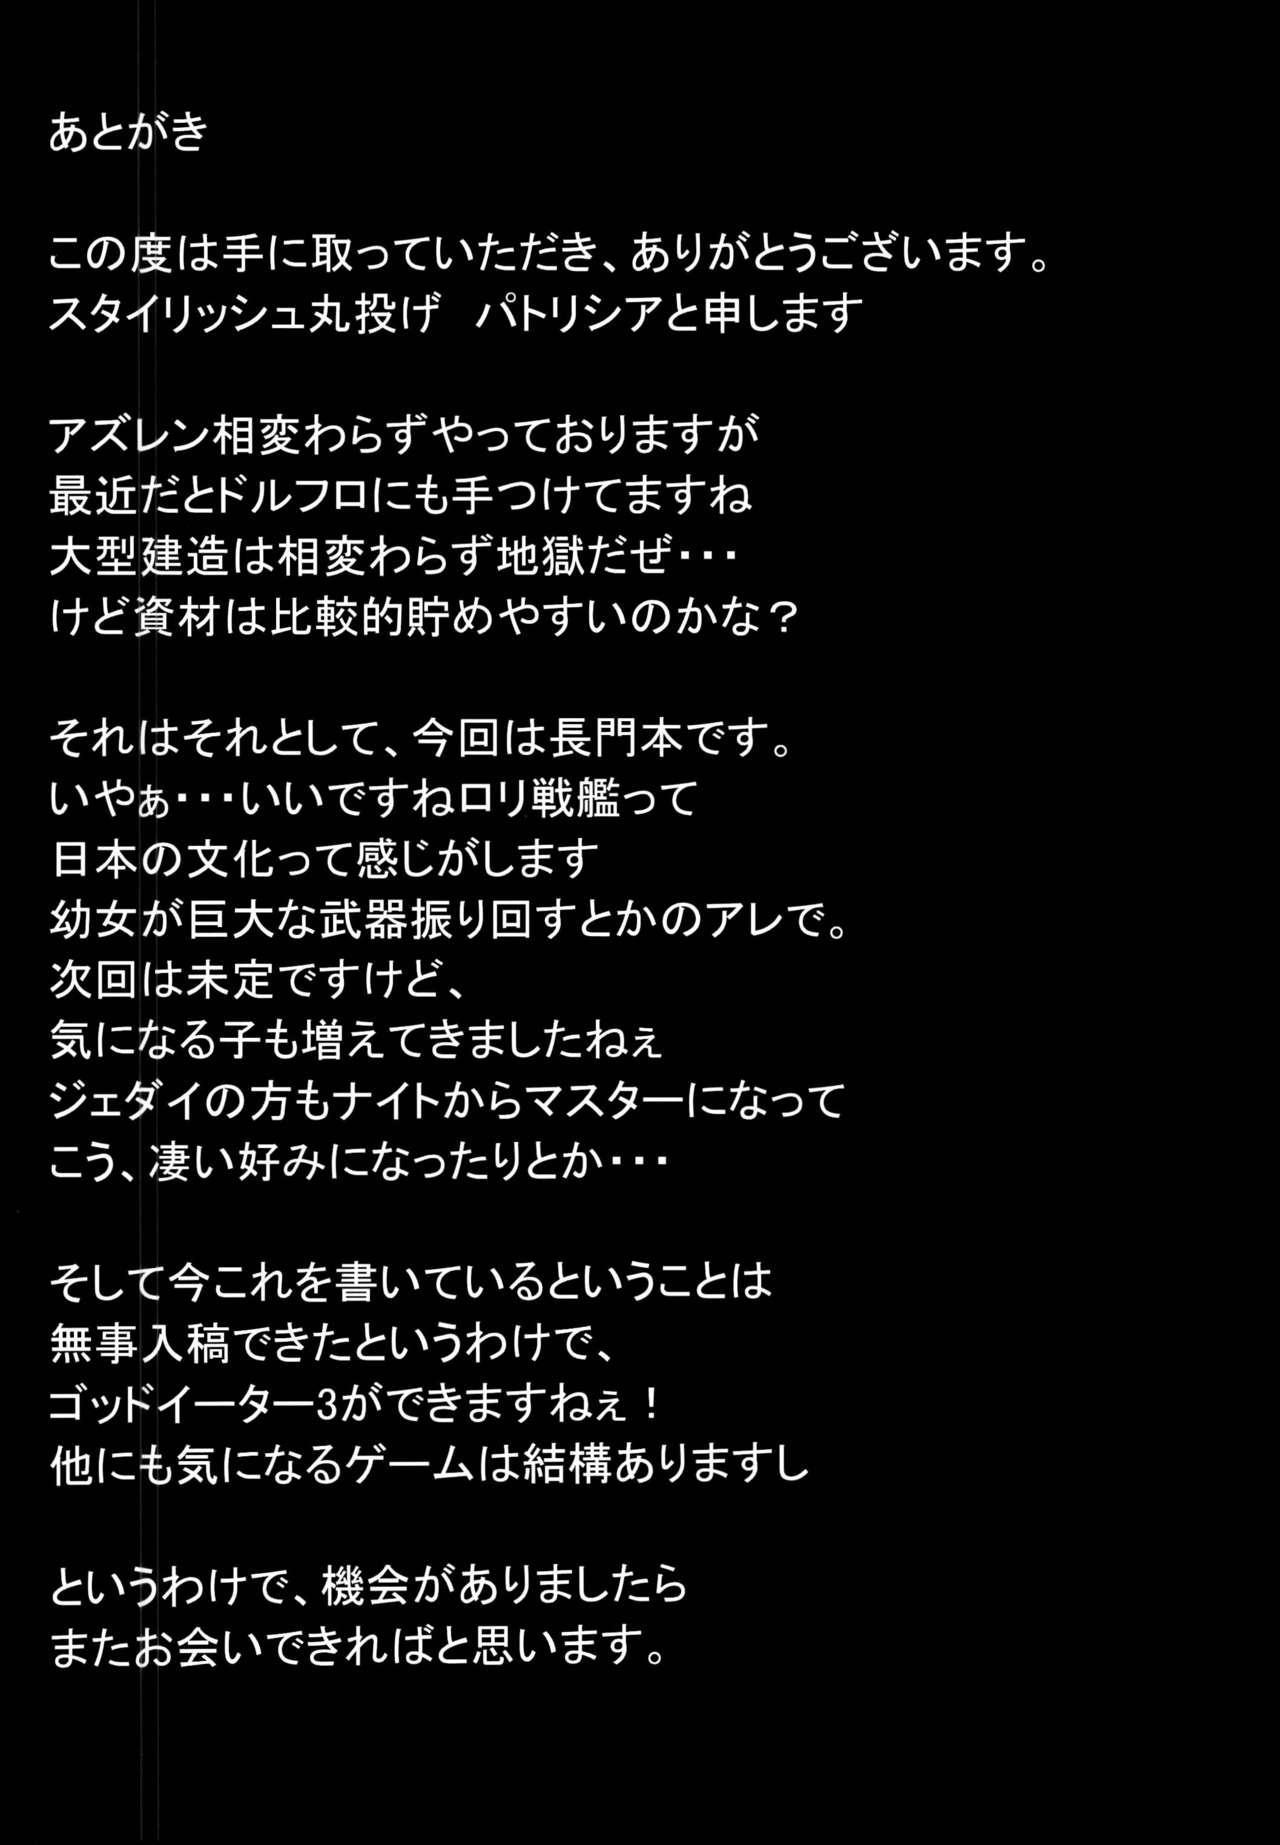 (C95) [Stylish Marunage (Patricia)] Yo wa Nagato Juushou (Teokure) no Nagato de Aru (Azur Lane) 23